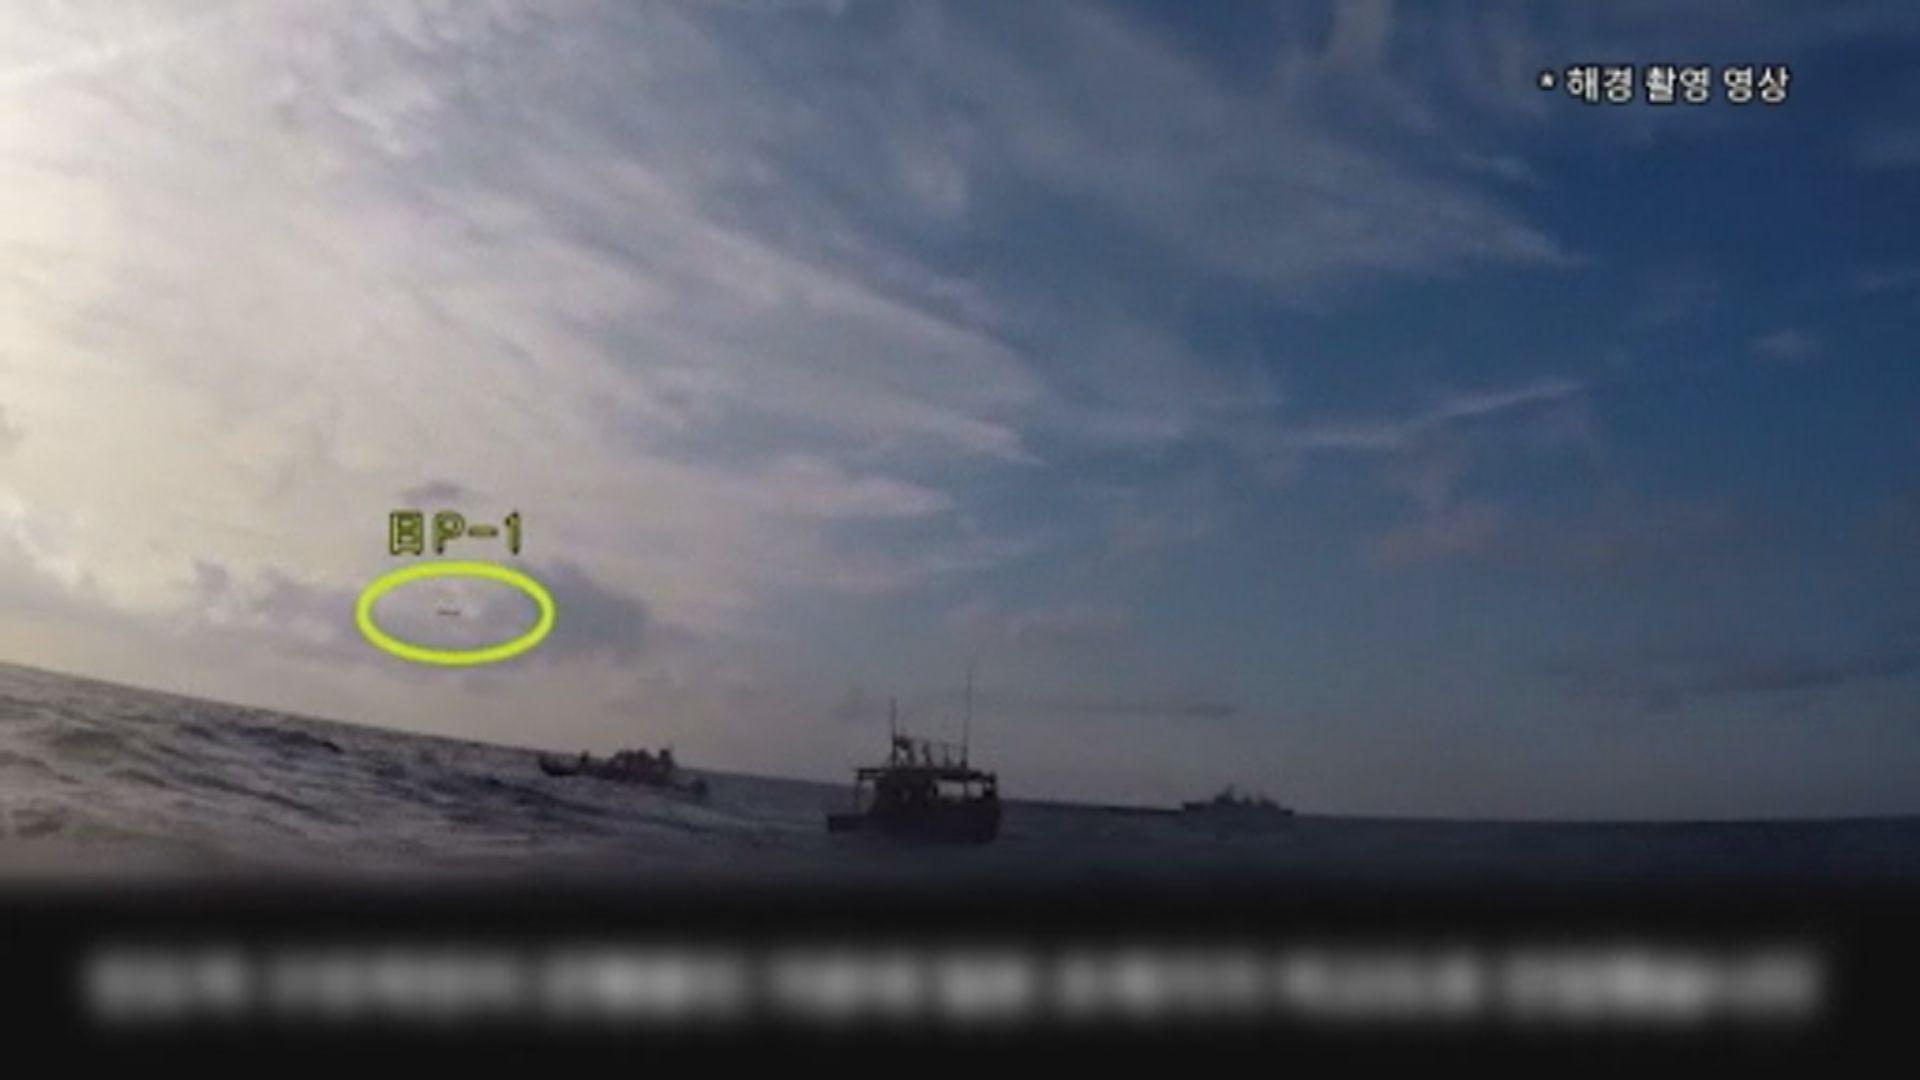 南韓指摘日本反潛機逼近其艦隻